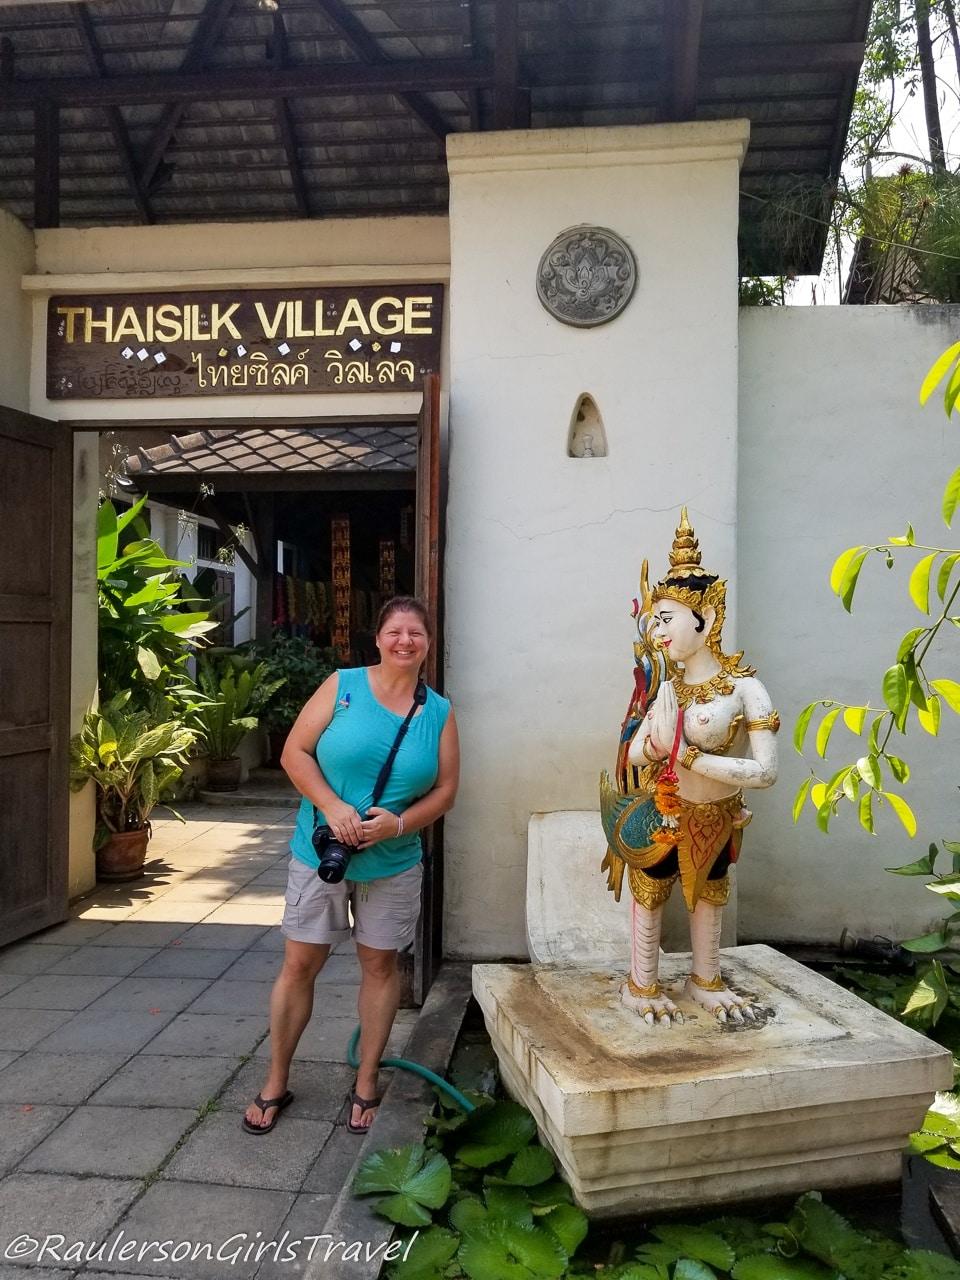 Heather at the Thai Silk Village